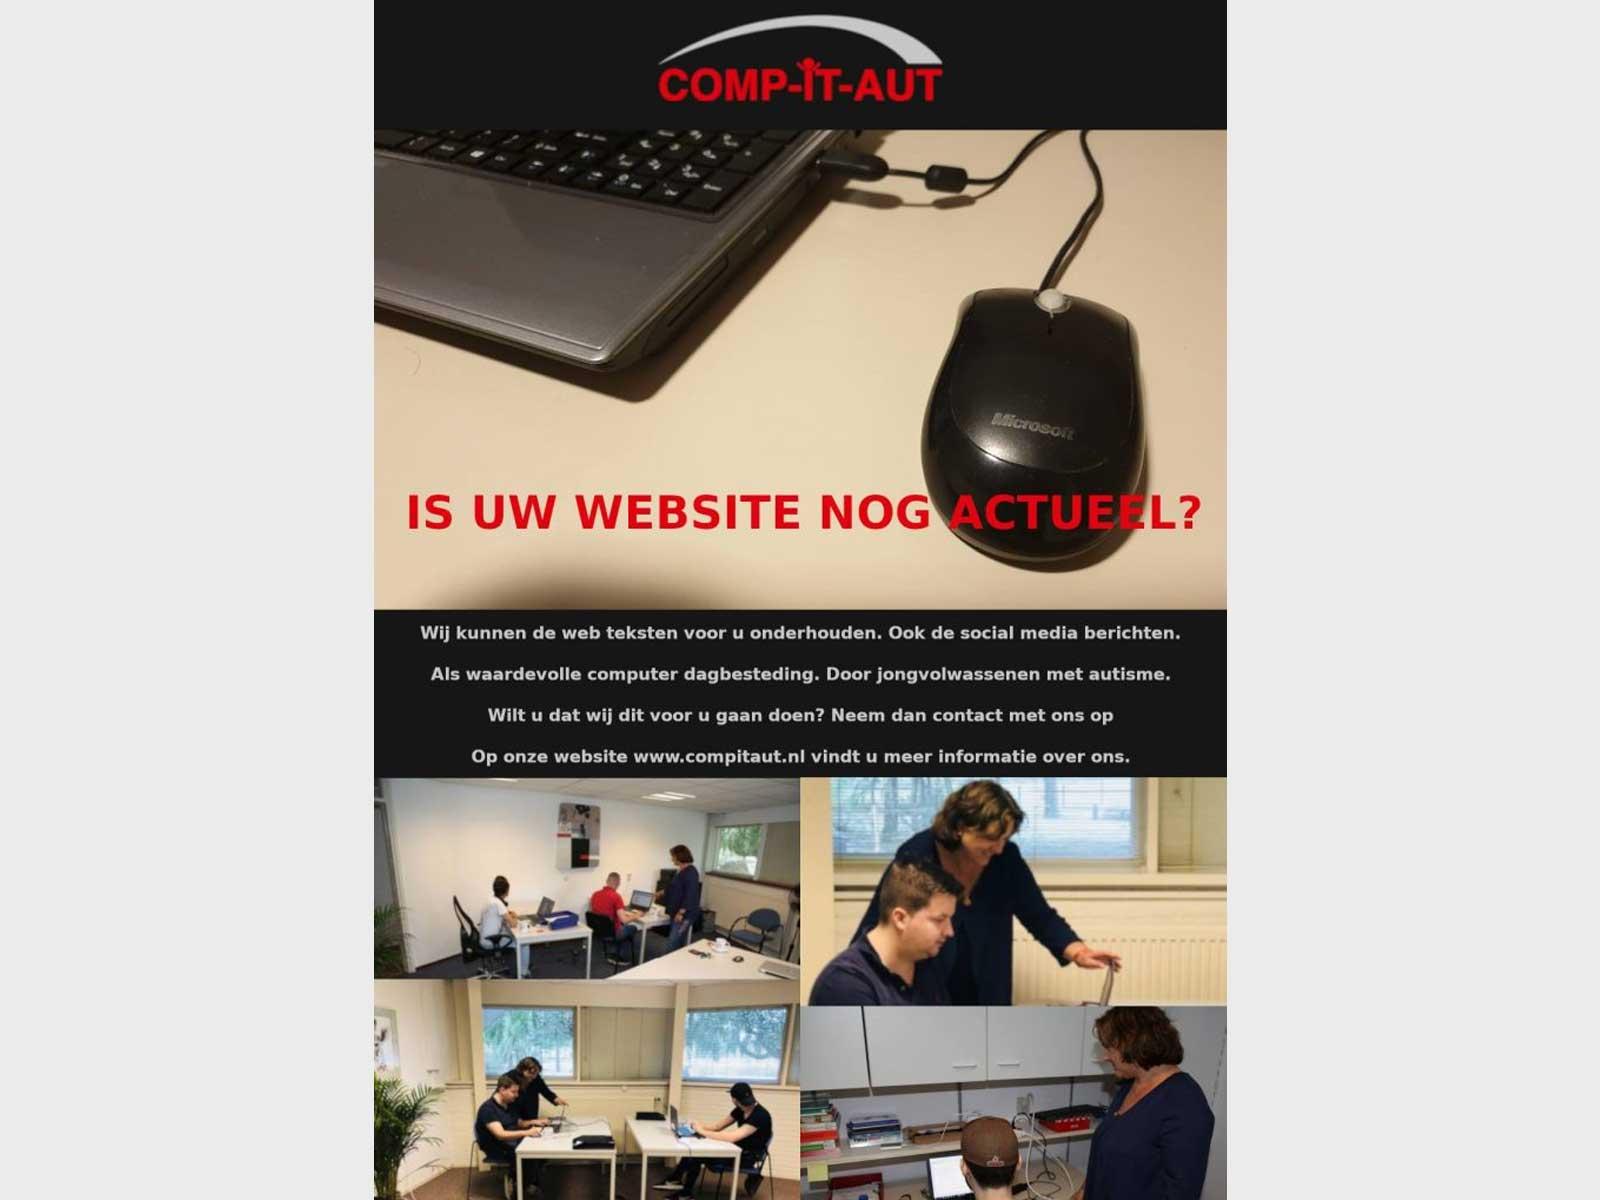 Jouwdagbesteding-comp-it-aut-dagbesteding-website